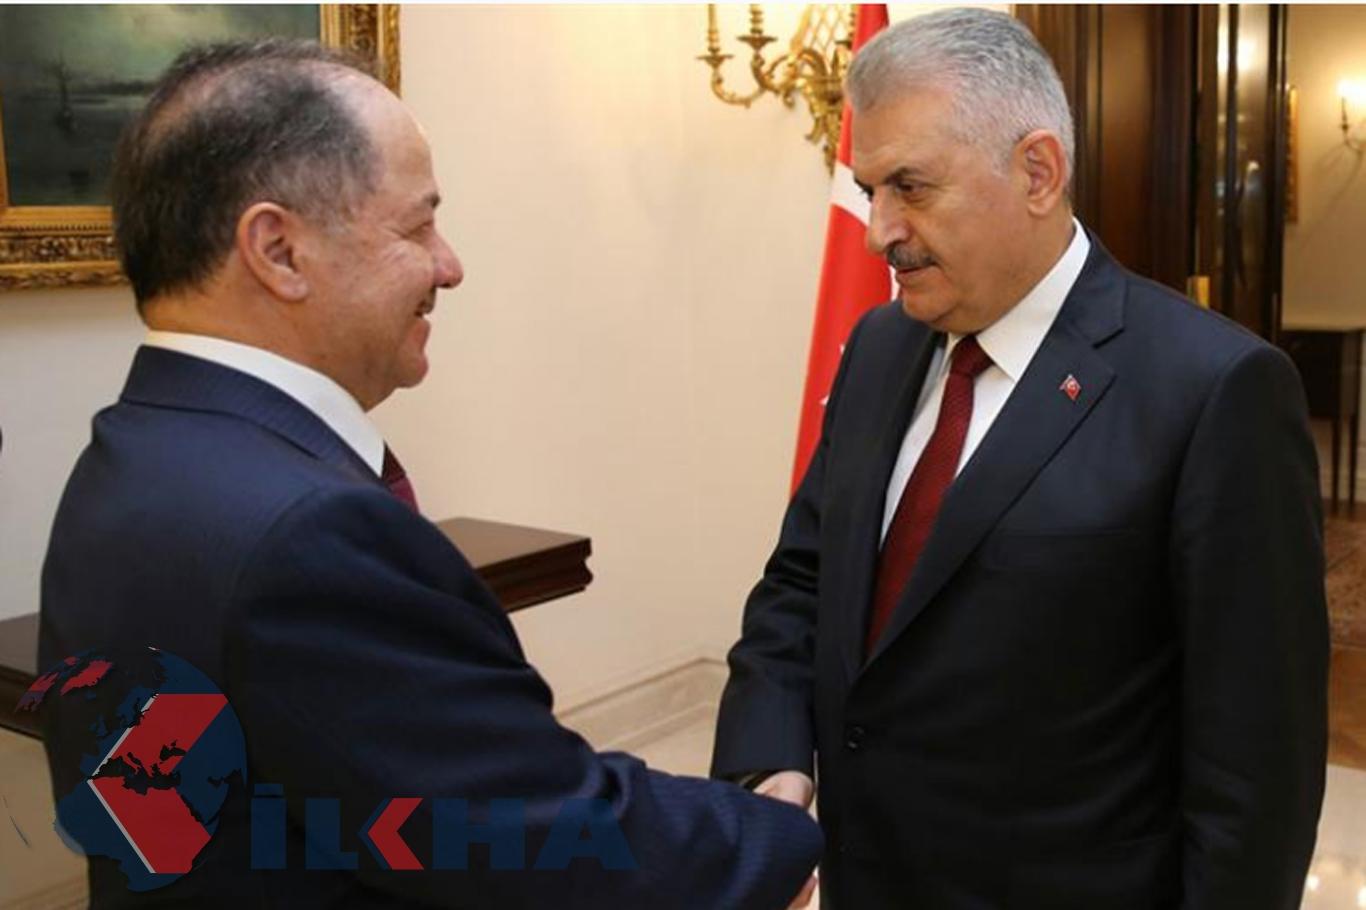 Ankara'da hareketlilik! Başbakan Yıldırım Barzani'yle görüştü